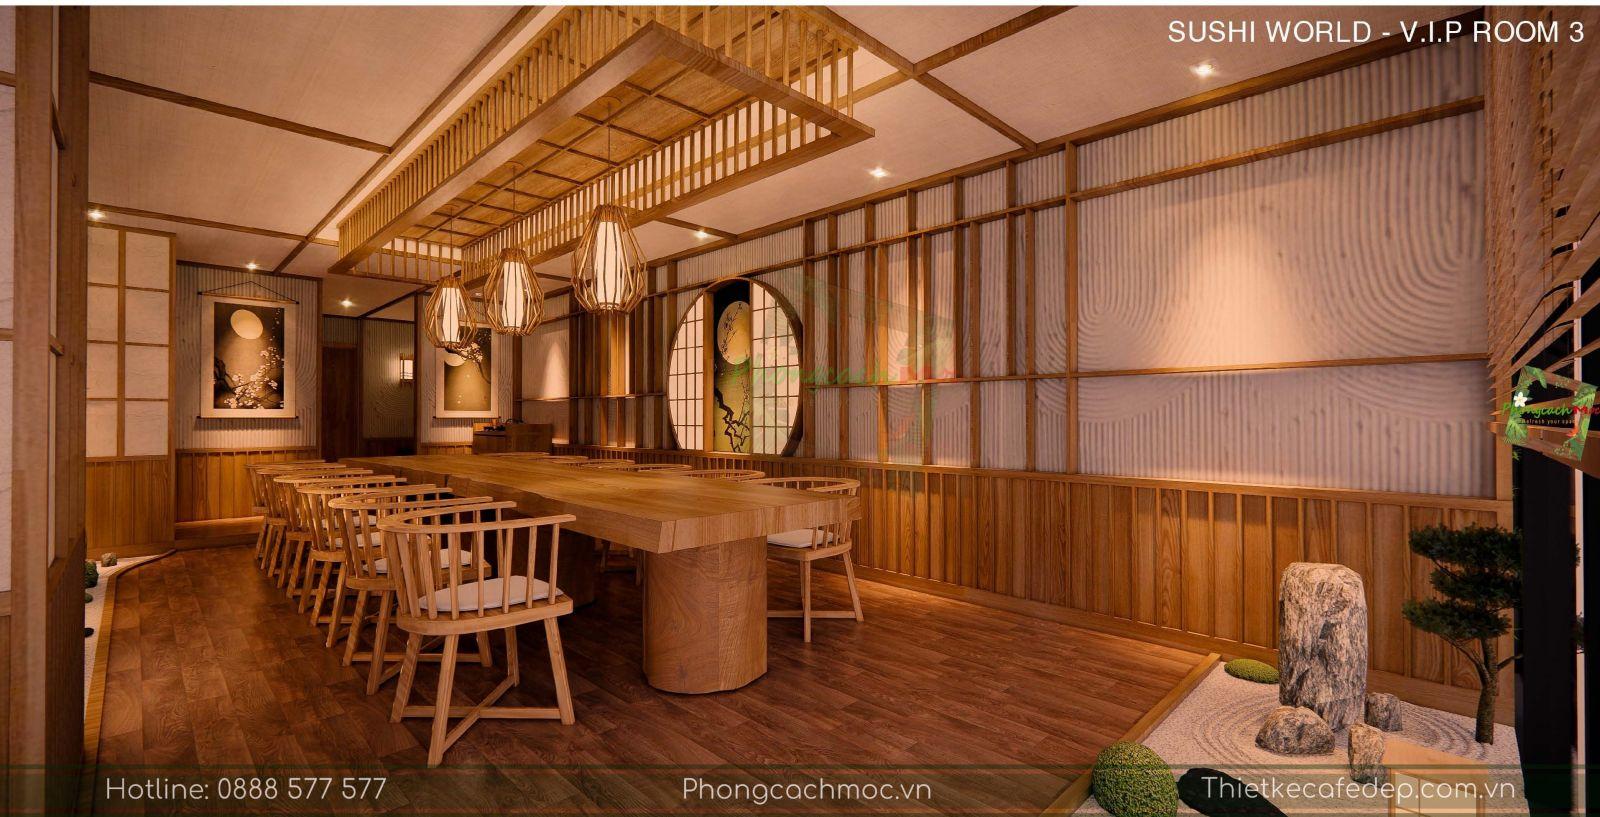 mau-thiet-ke-nha-hang-nhat-ban-hien-dai-sushi-world-viprooms-16